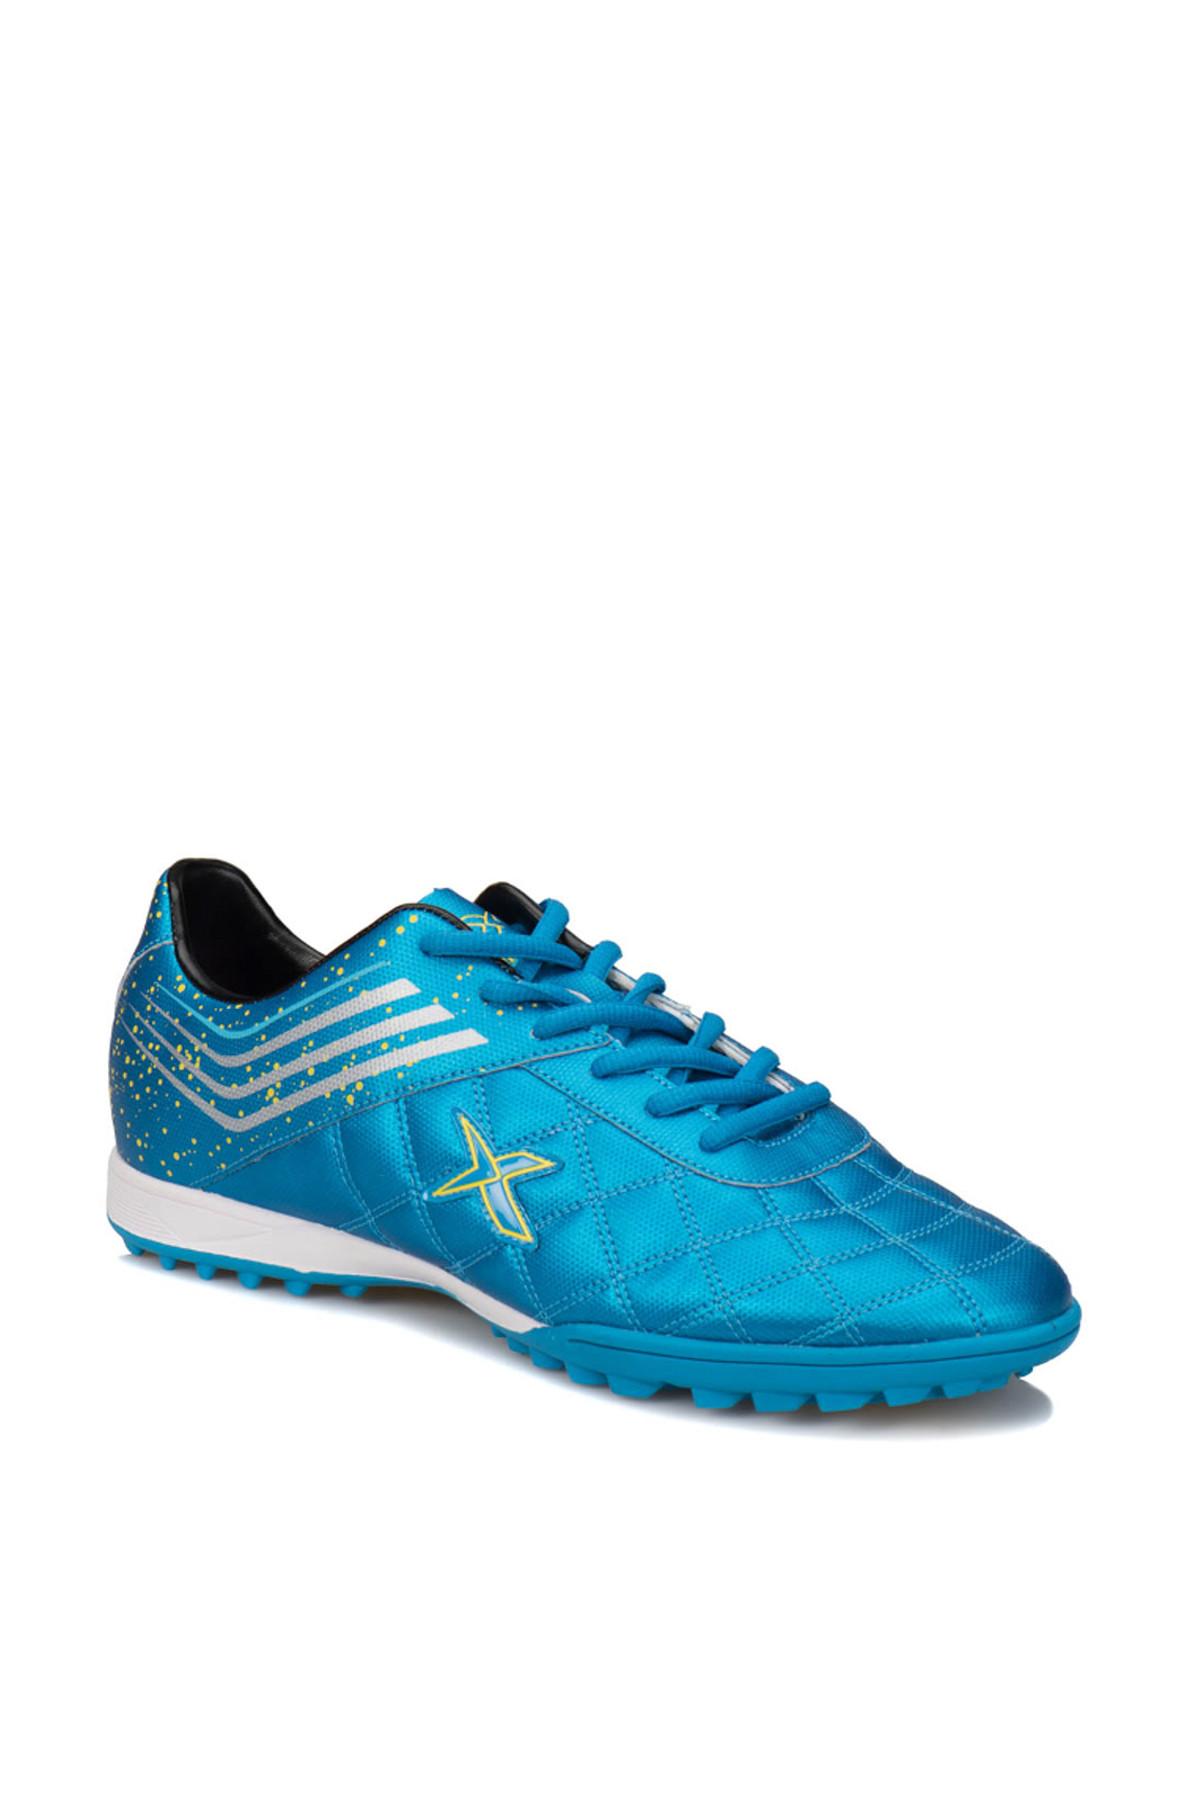 Kinetix KAPITON TURF Yeşil Sarı Erkek Halı Saha Ayakkabısı 100253485 1